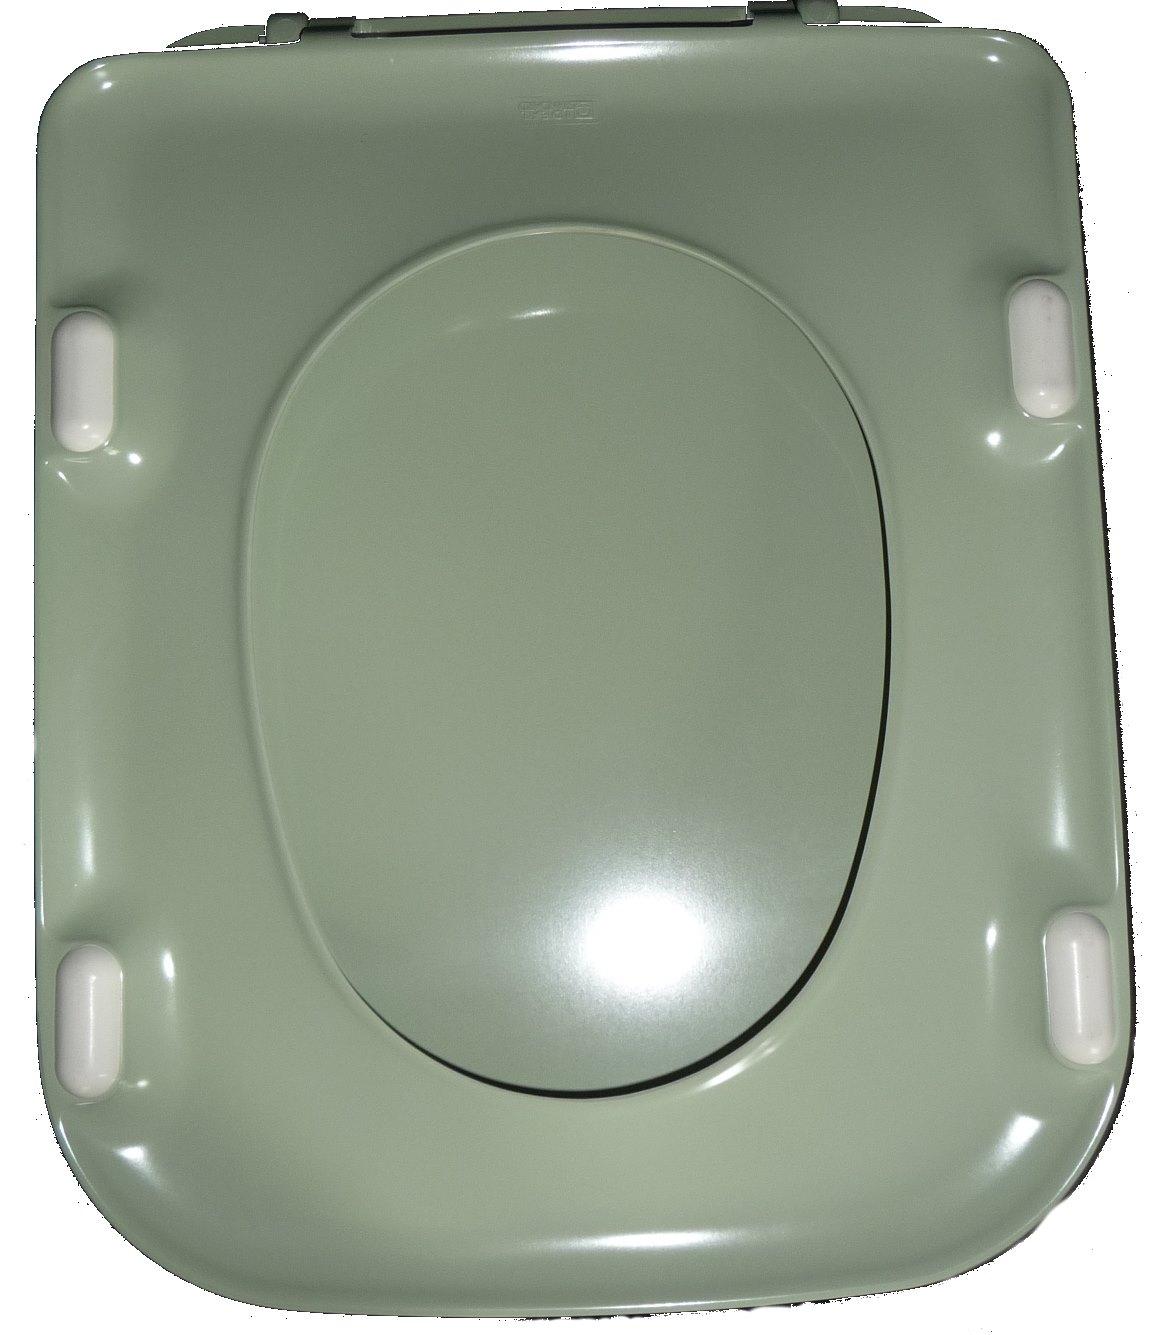 kaspischgrün WC-Sitz Tonca von unten